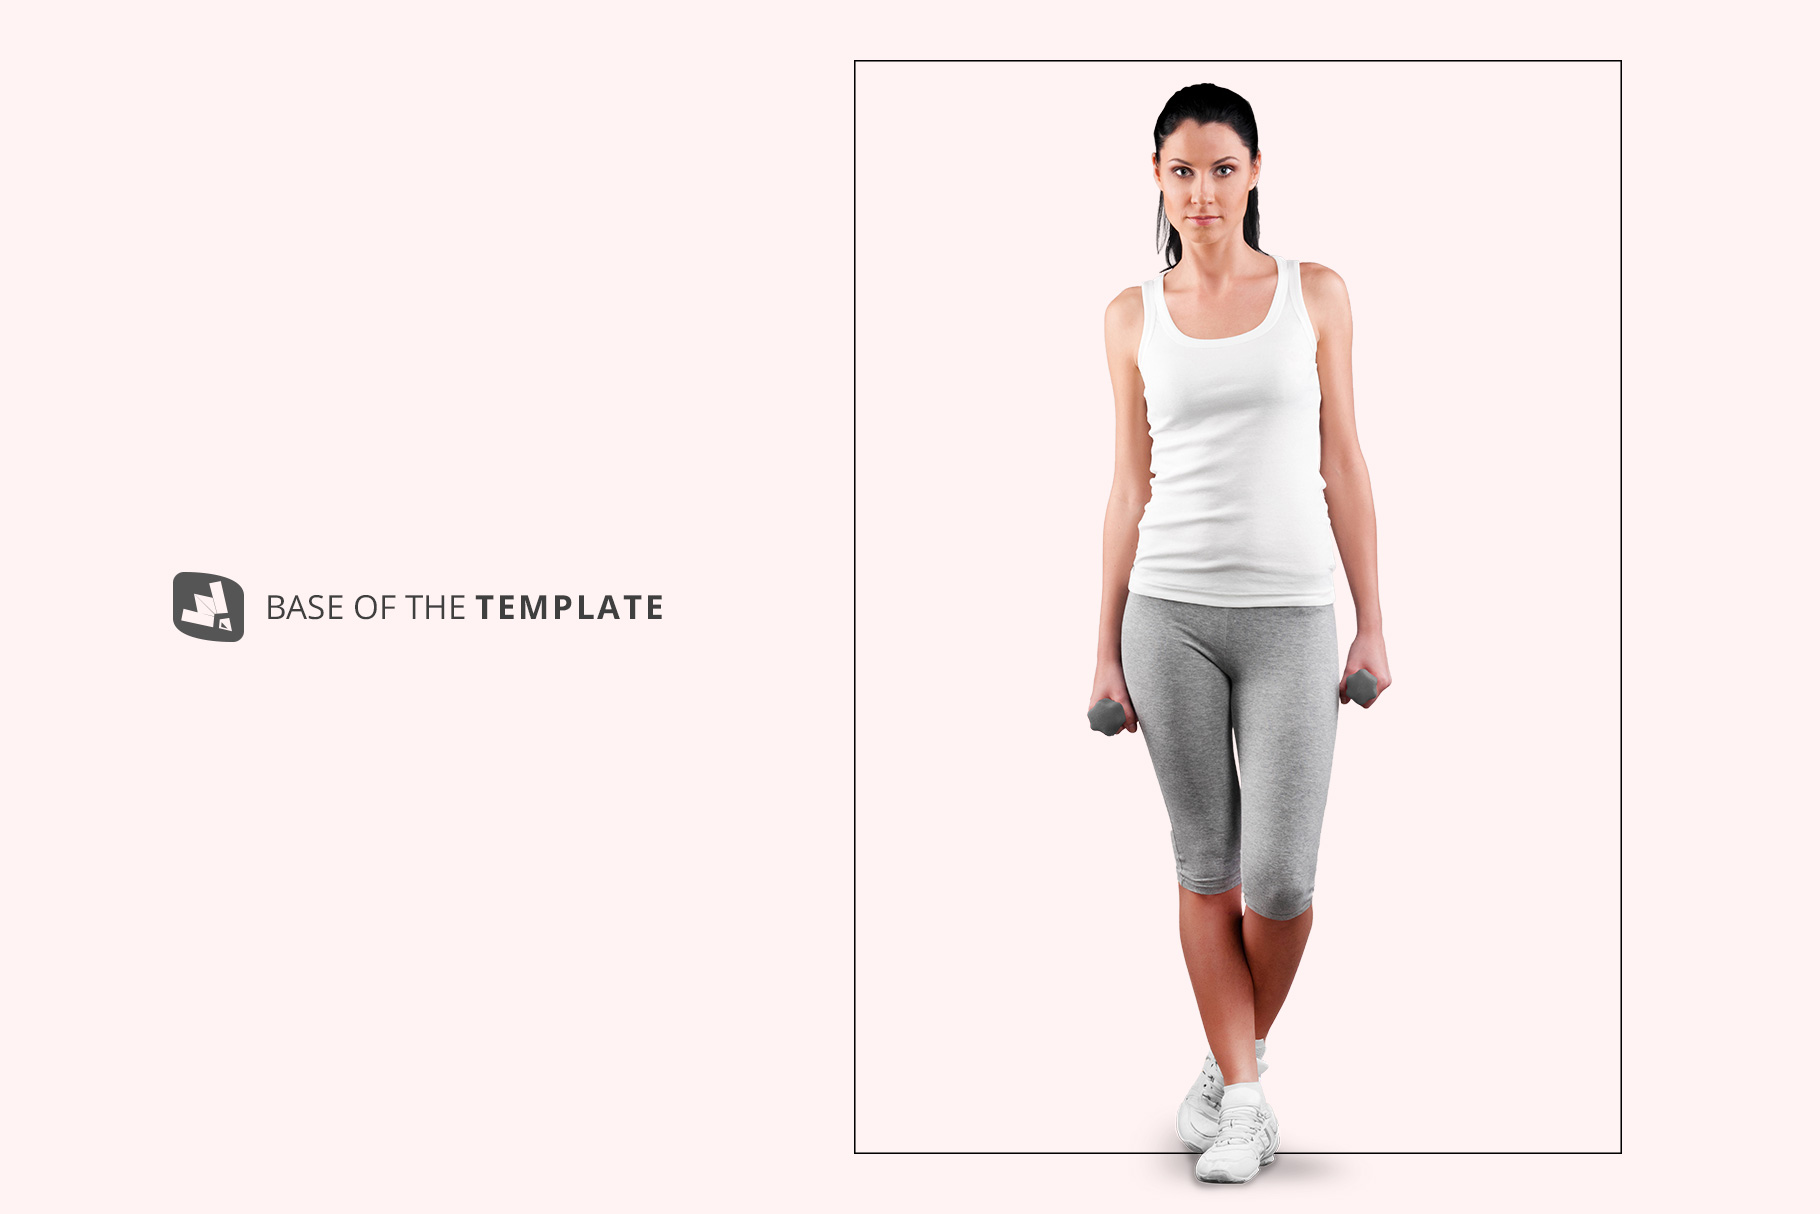 base image of the female sleeveless gym outfit mockup